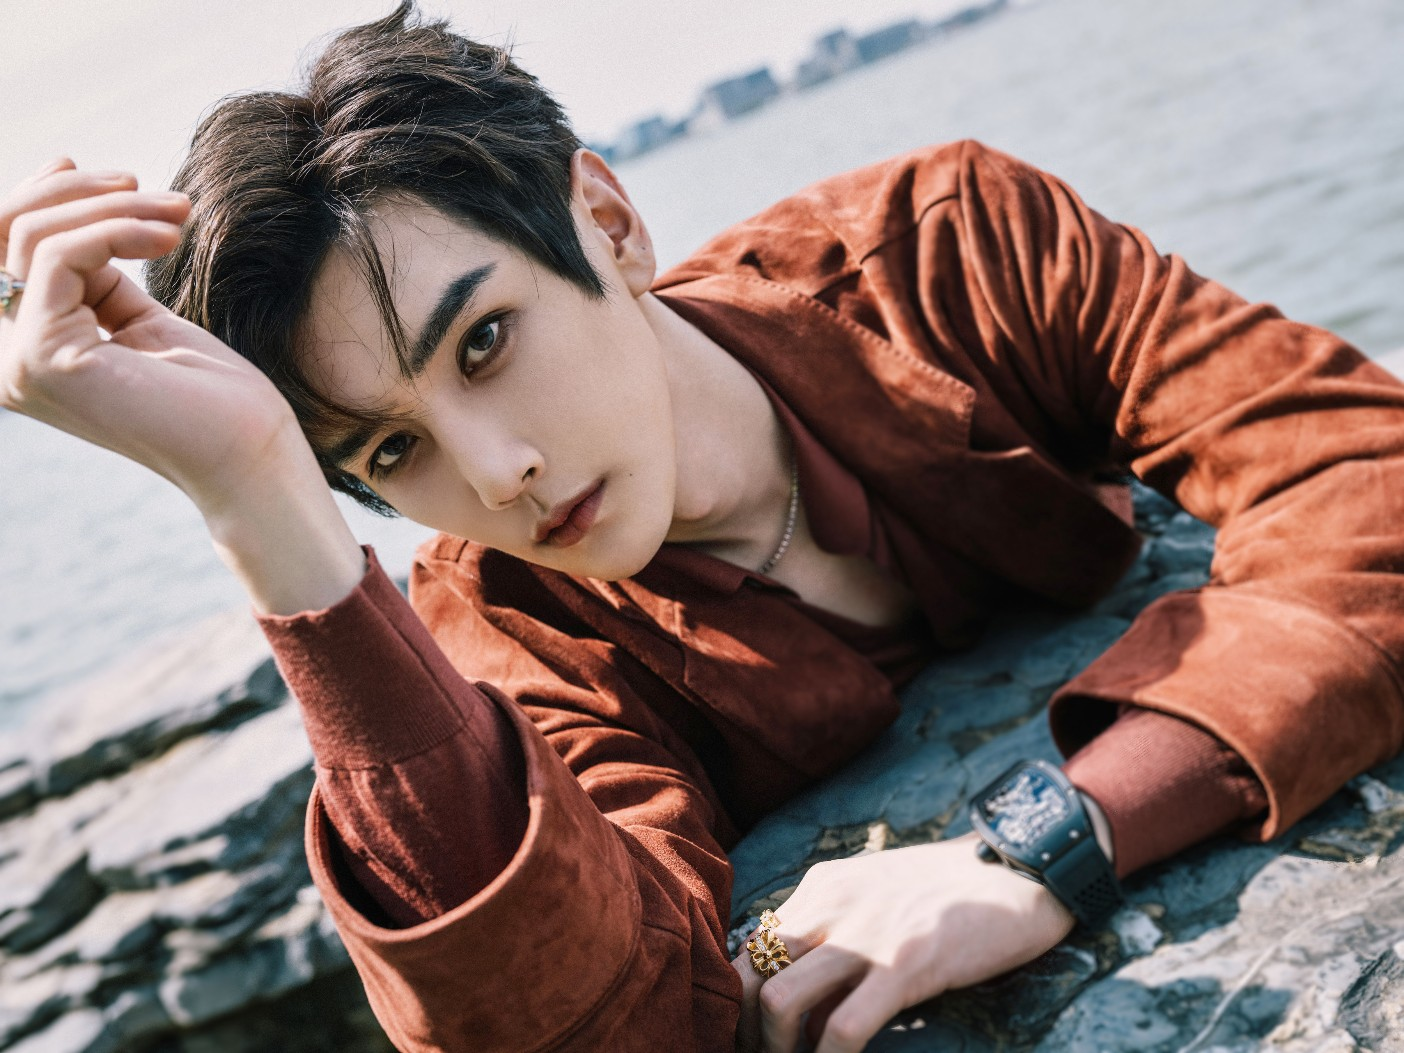 彦希出席《男人风尚LEON》东方绅士之夜,红衣似枫,唤醒感性意识认知的魅力美